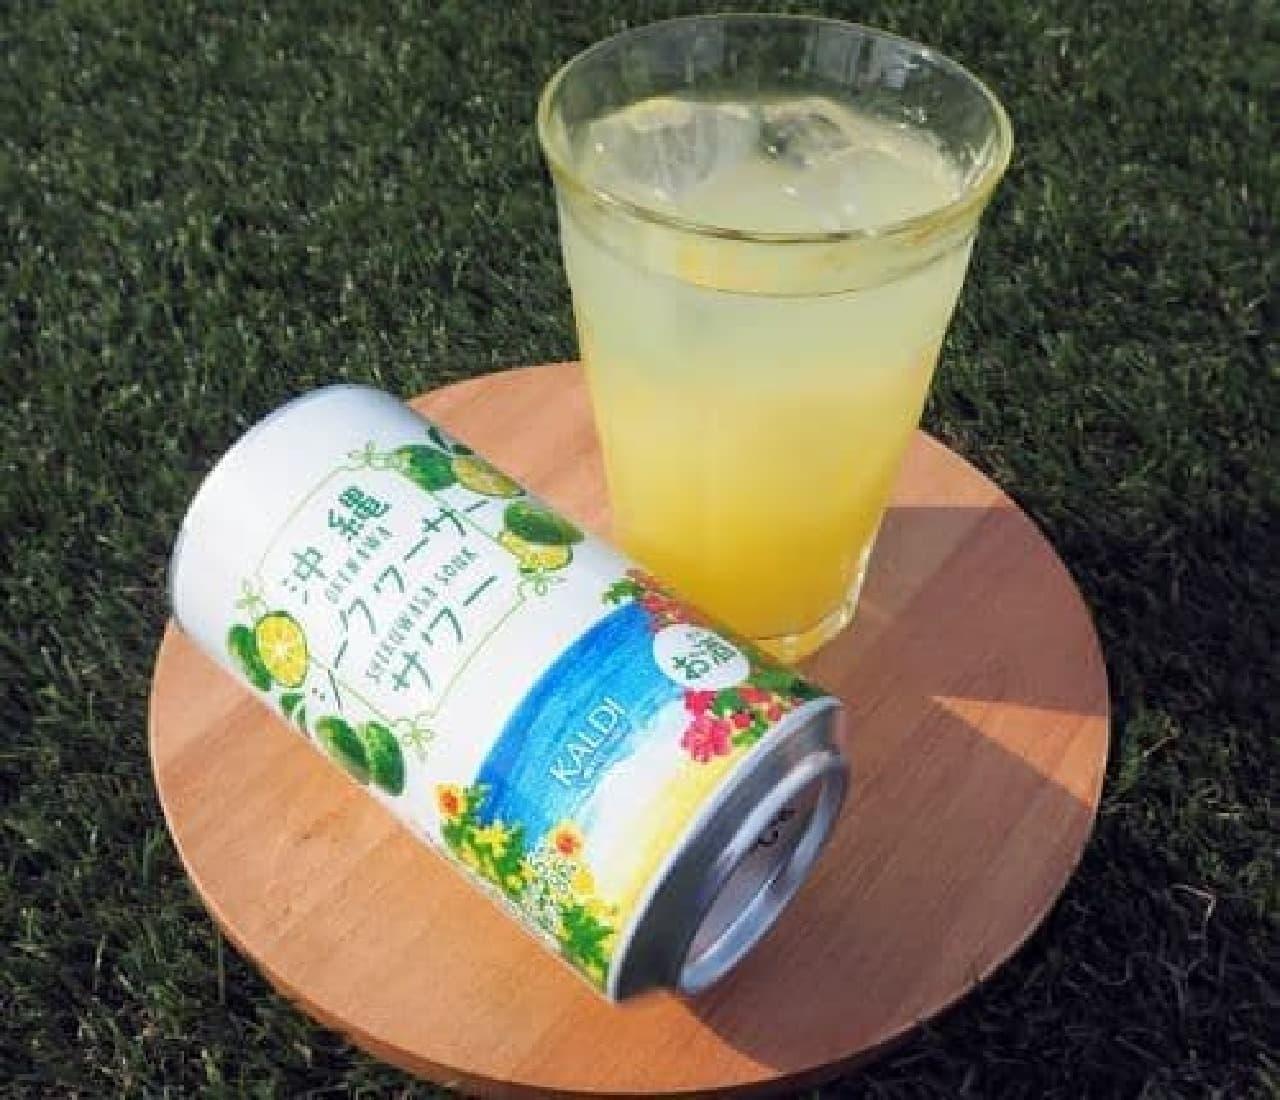 オリジナル 沖縄シークヮーサーサワー」は、「もへじ 沖縄県産シークヮーサー果汁100%」を使ったオリジナルサワー